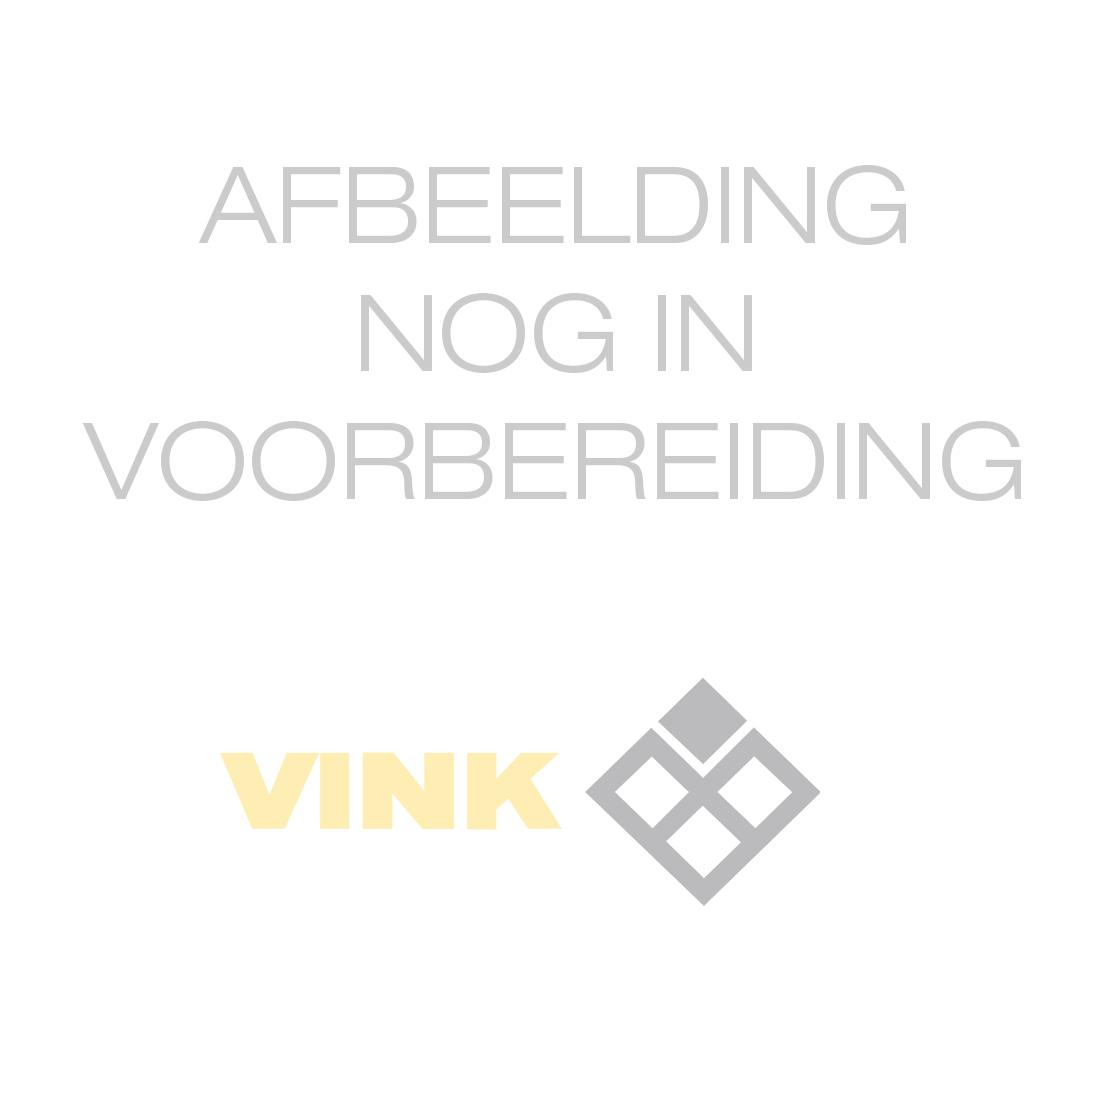 GF ABS VERLOOPSTUK KORT d110 -d63 LIJMEIND/SOK PN10 729900378